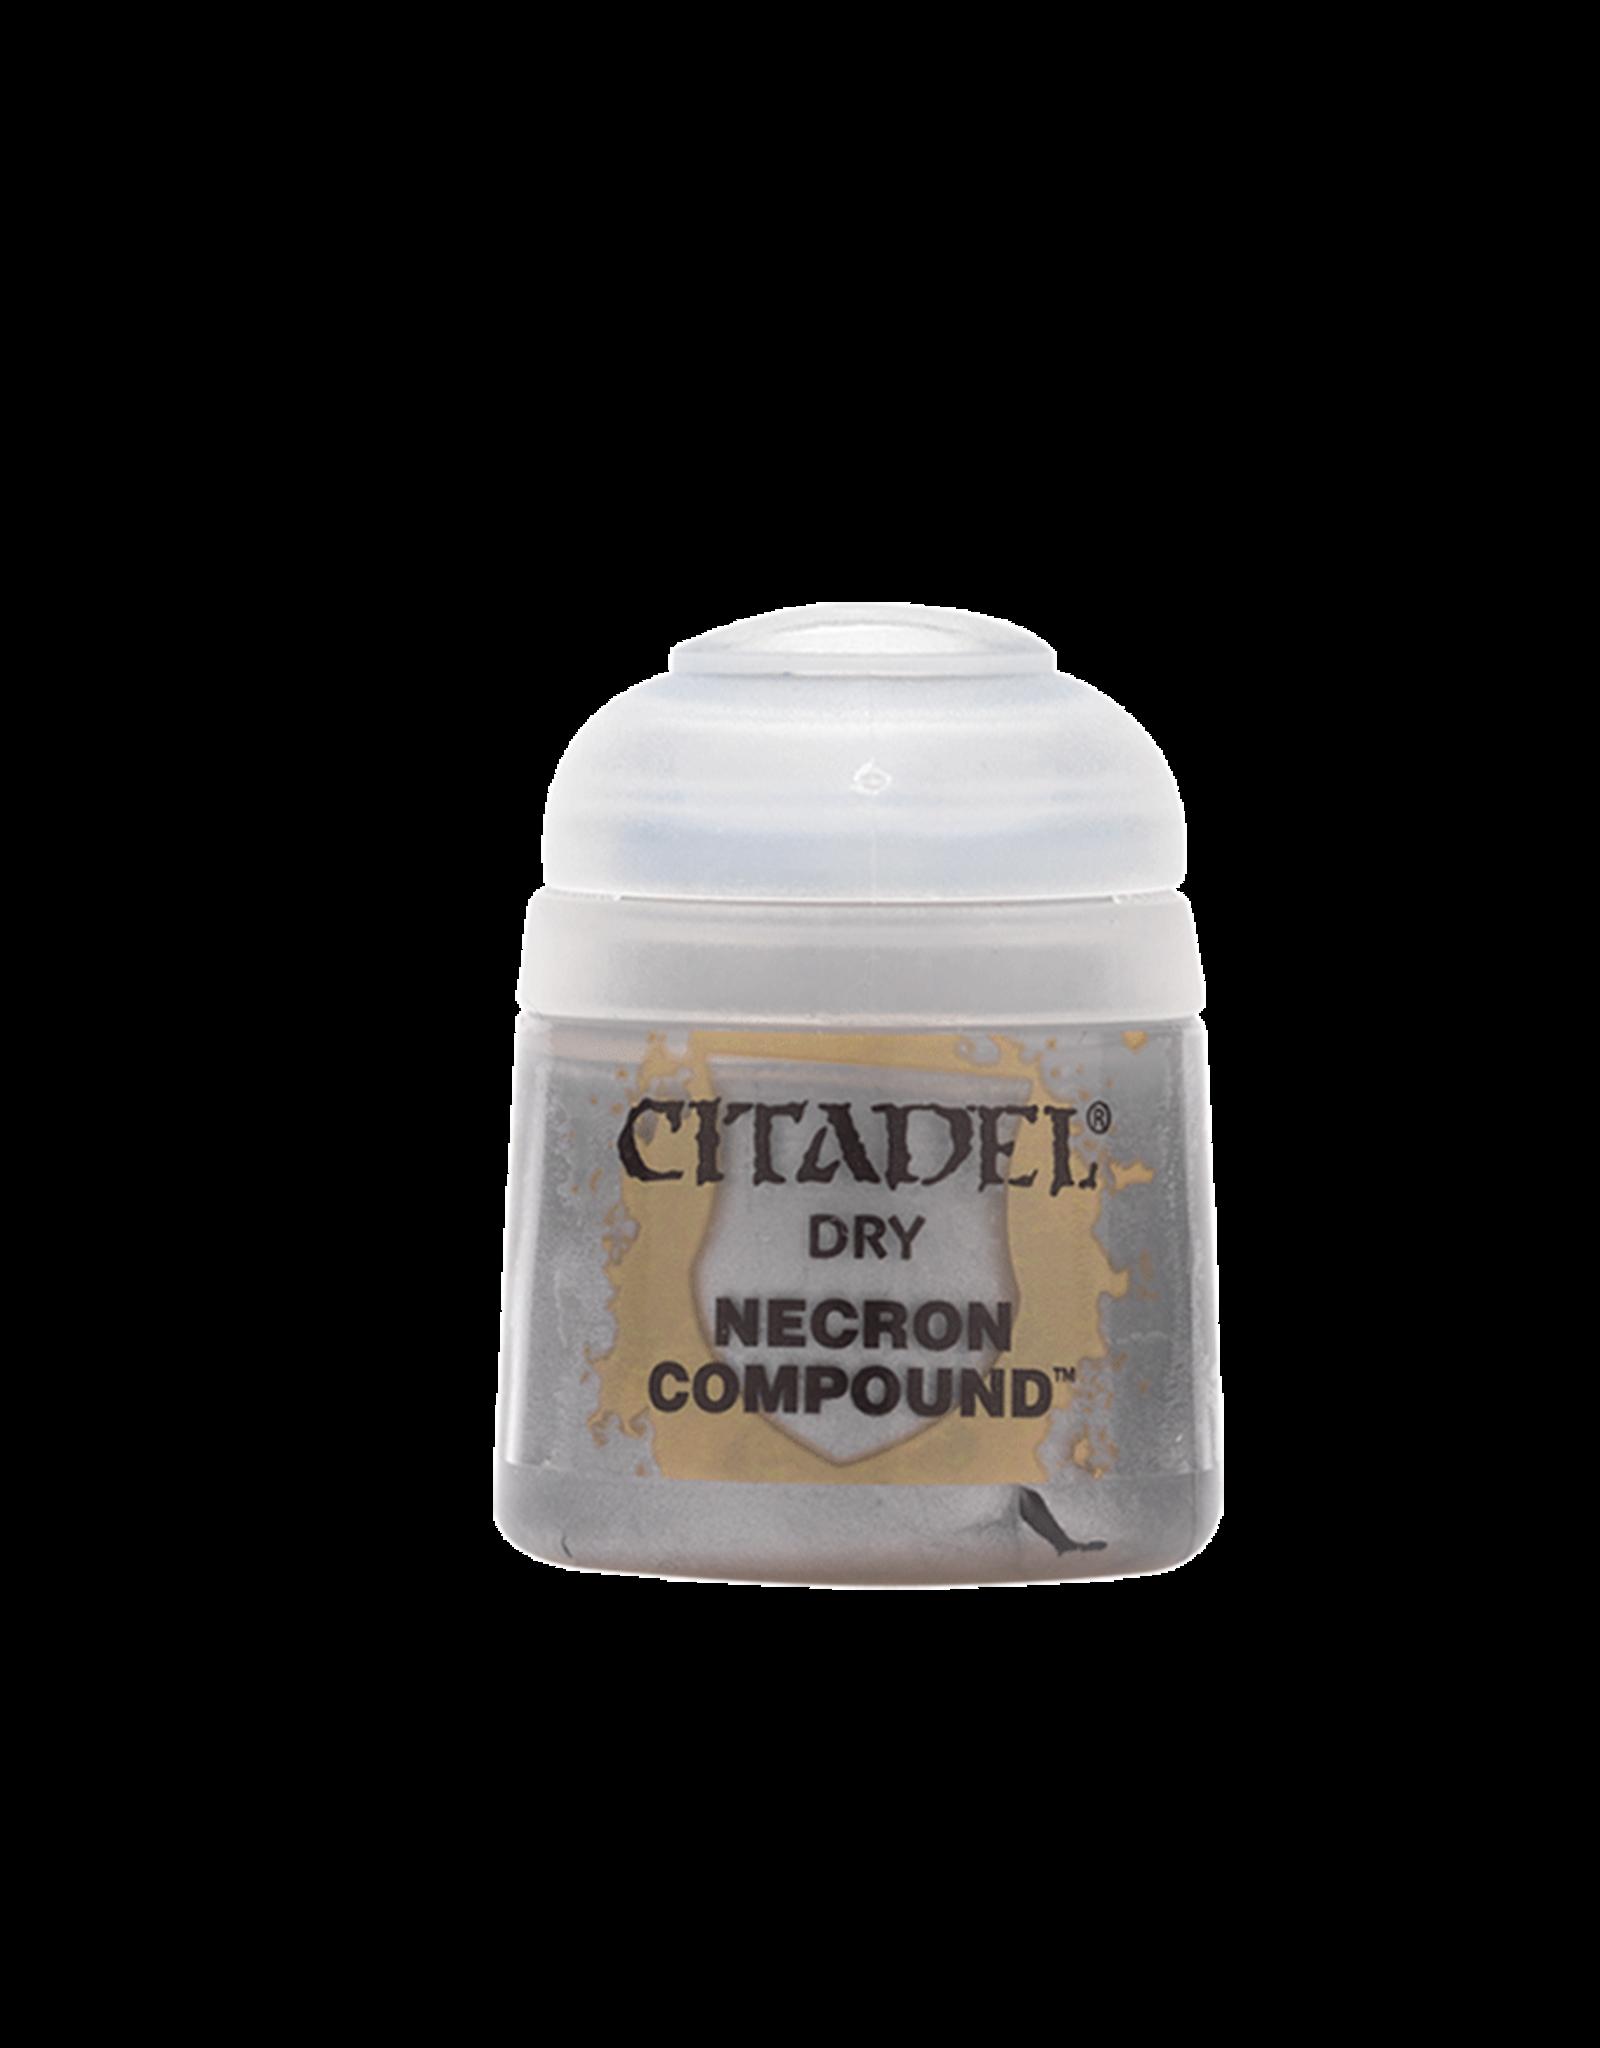 Citadel Citadel Paints Dry Paint Necron Compound